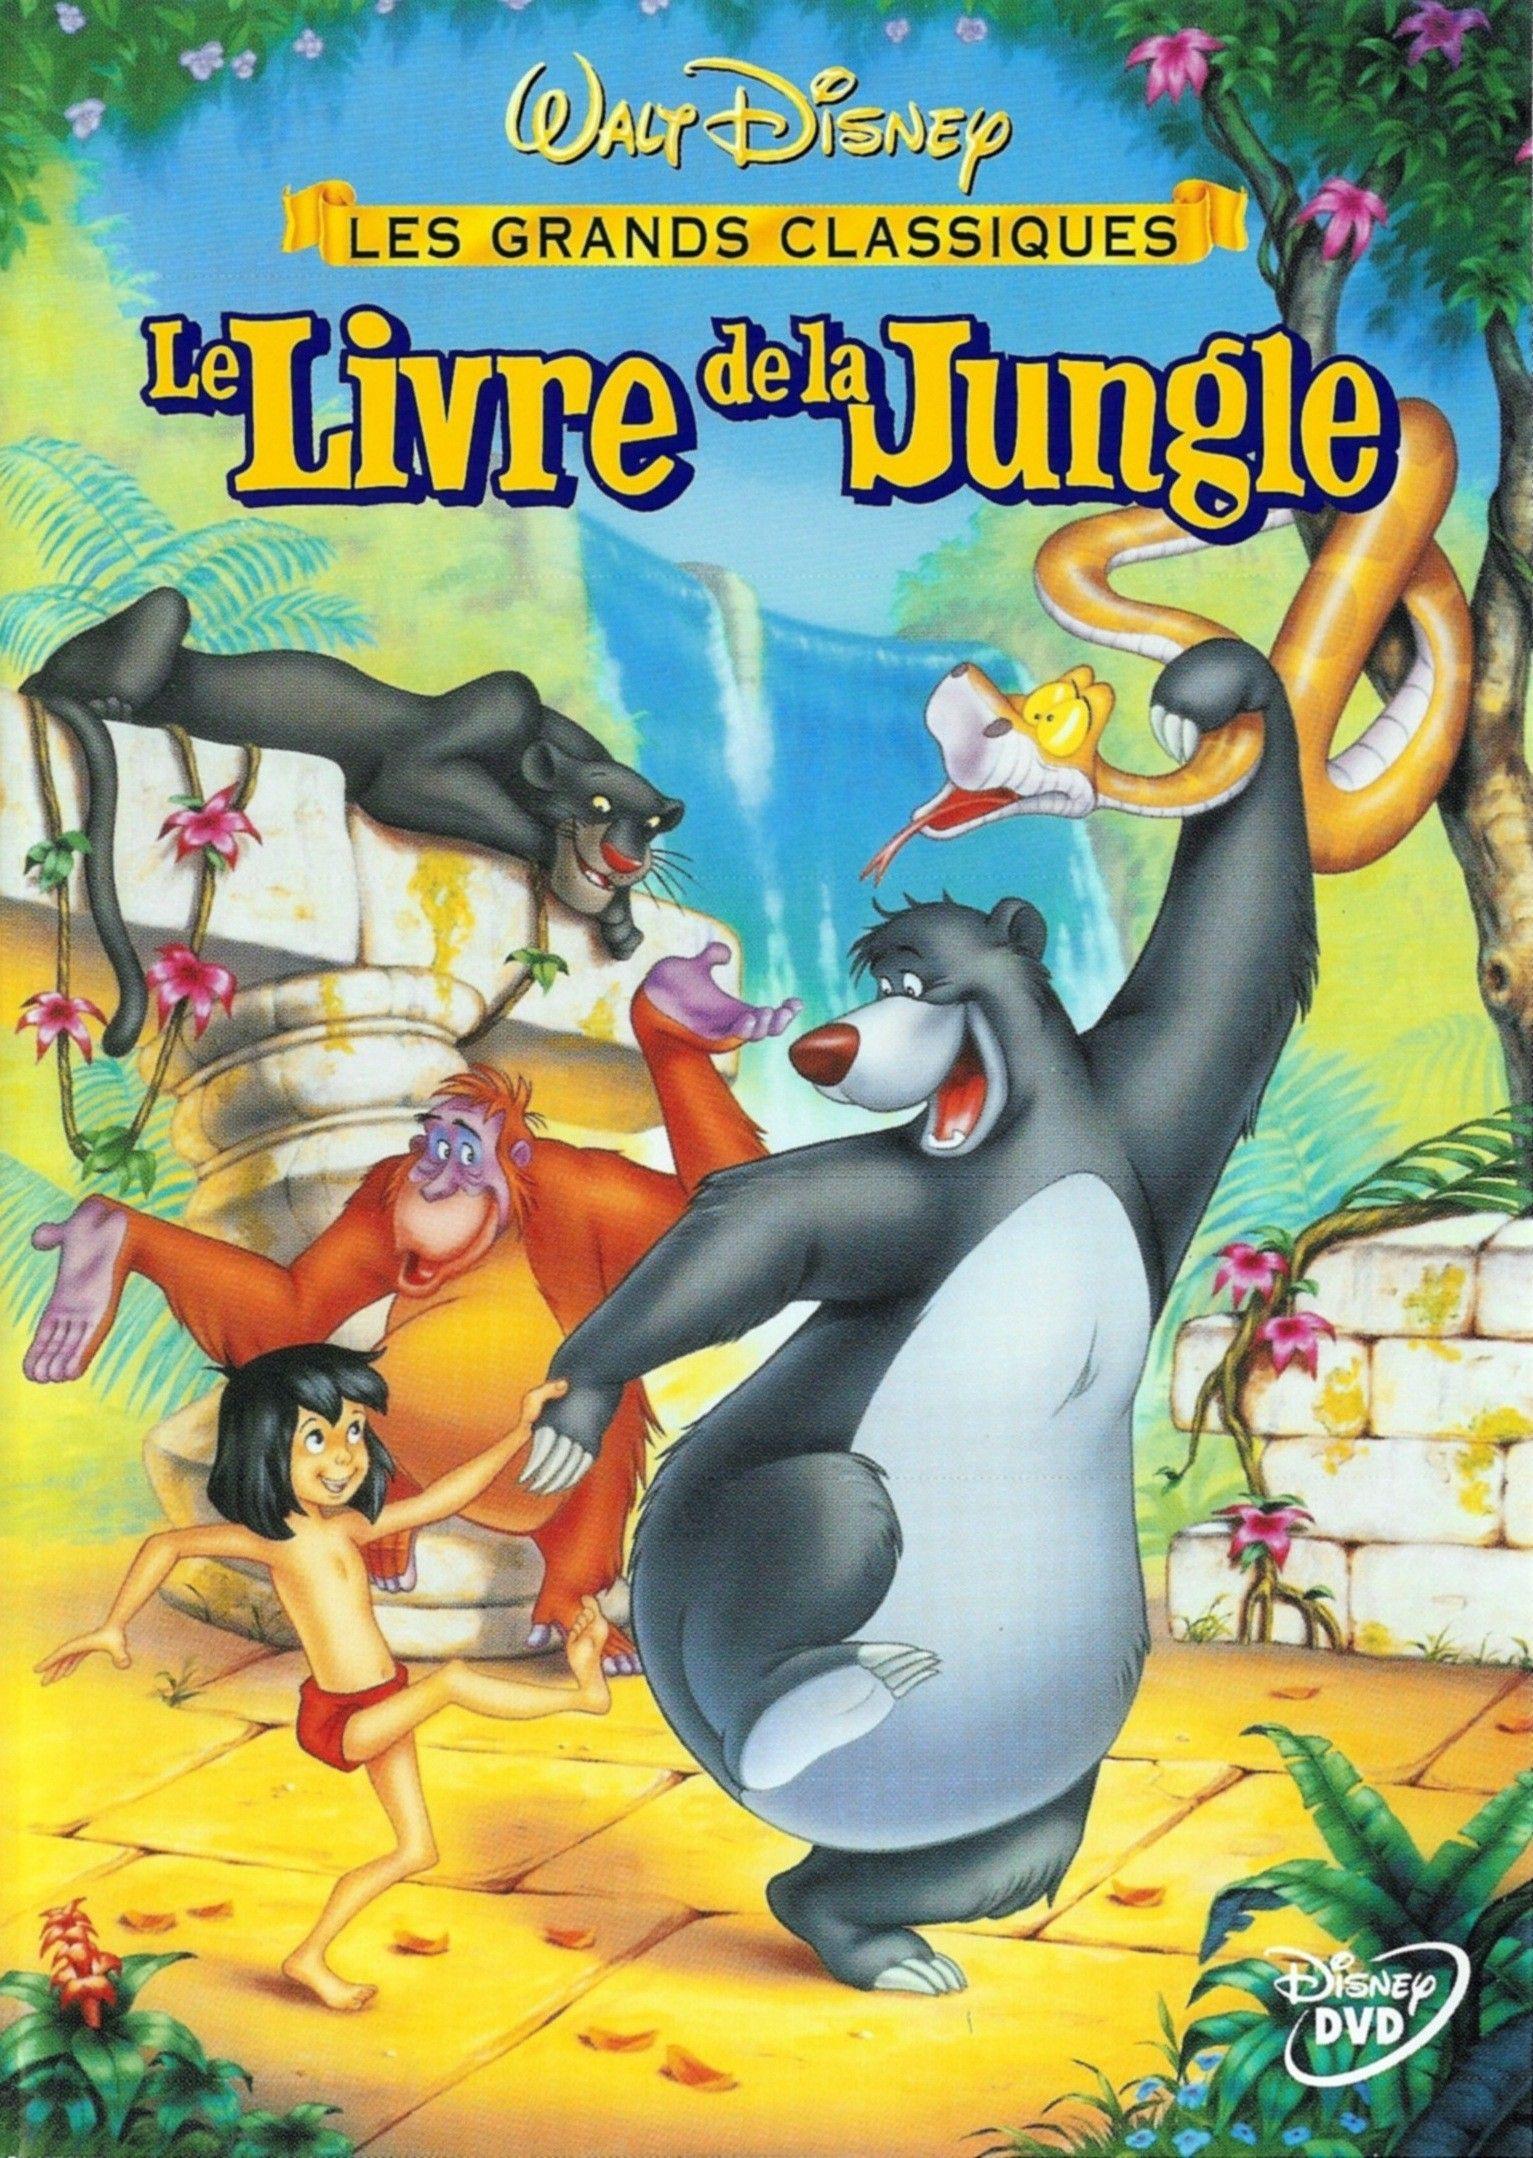 Épinglé par Farid Boukri sur Le livre de la jungle en 2020 ...